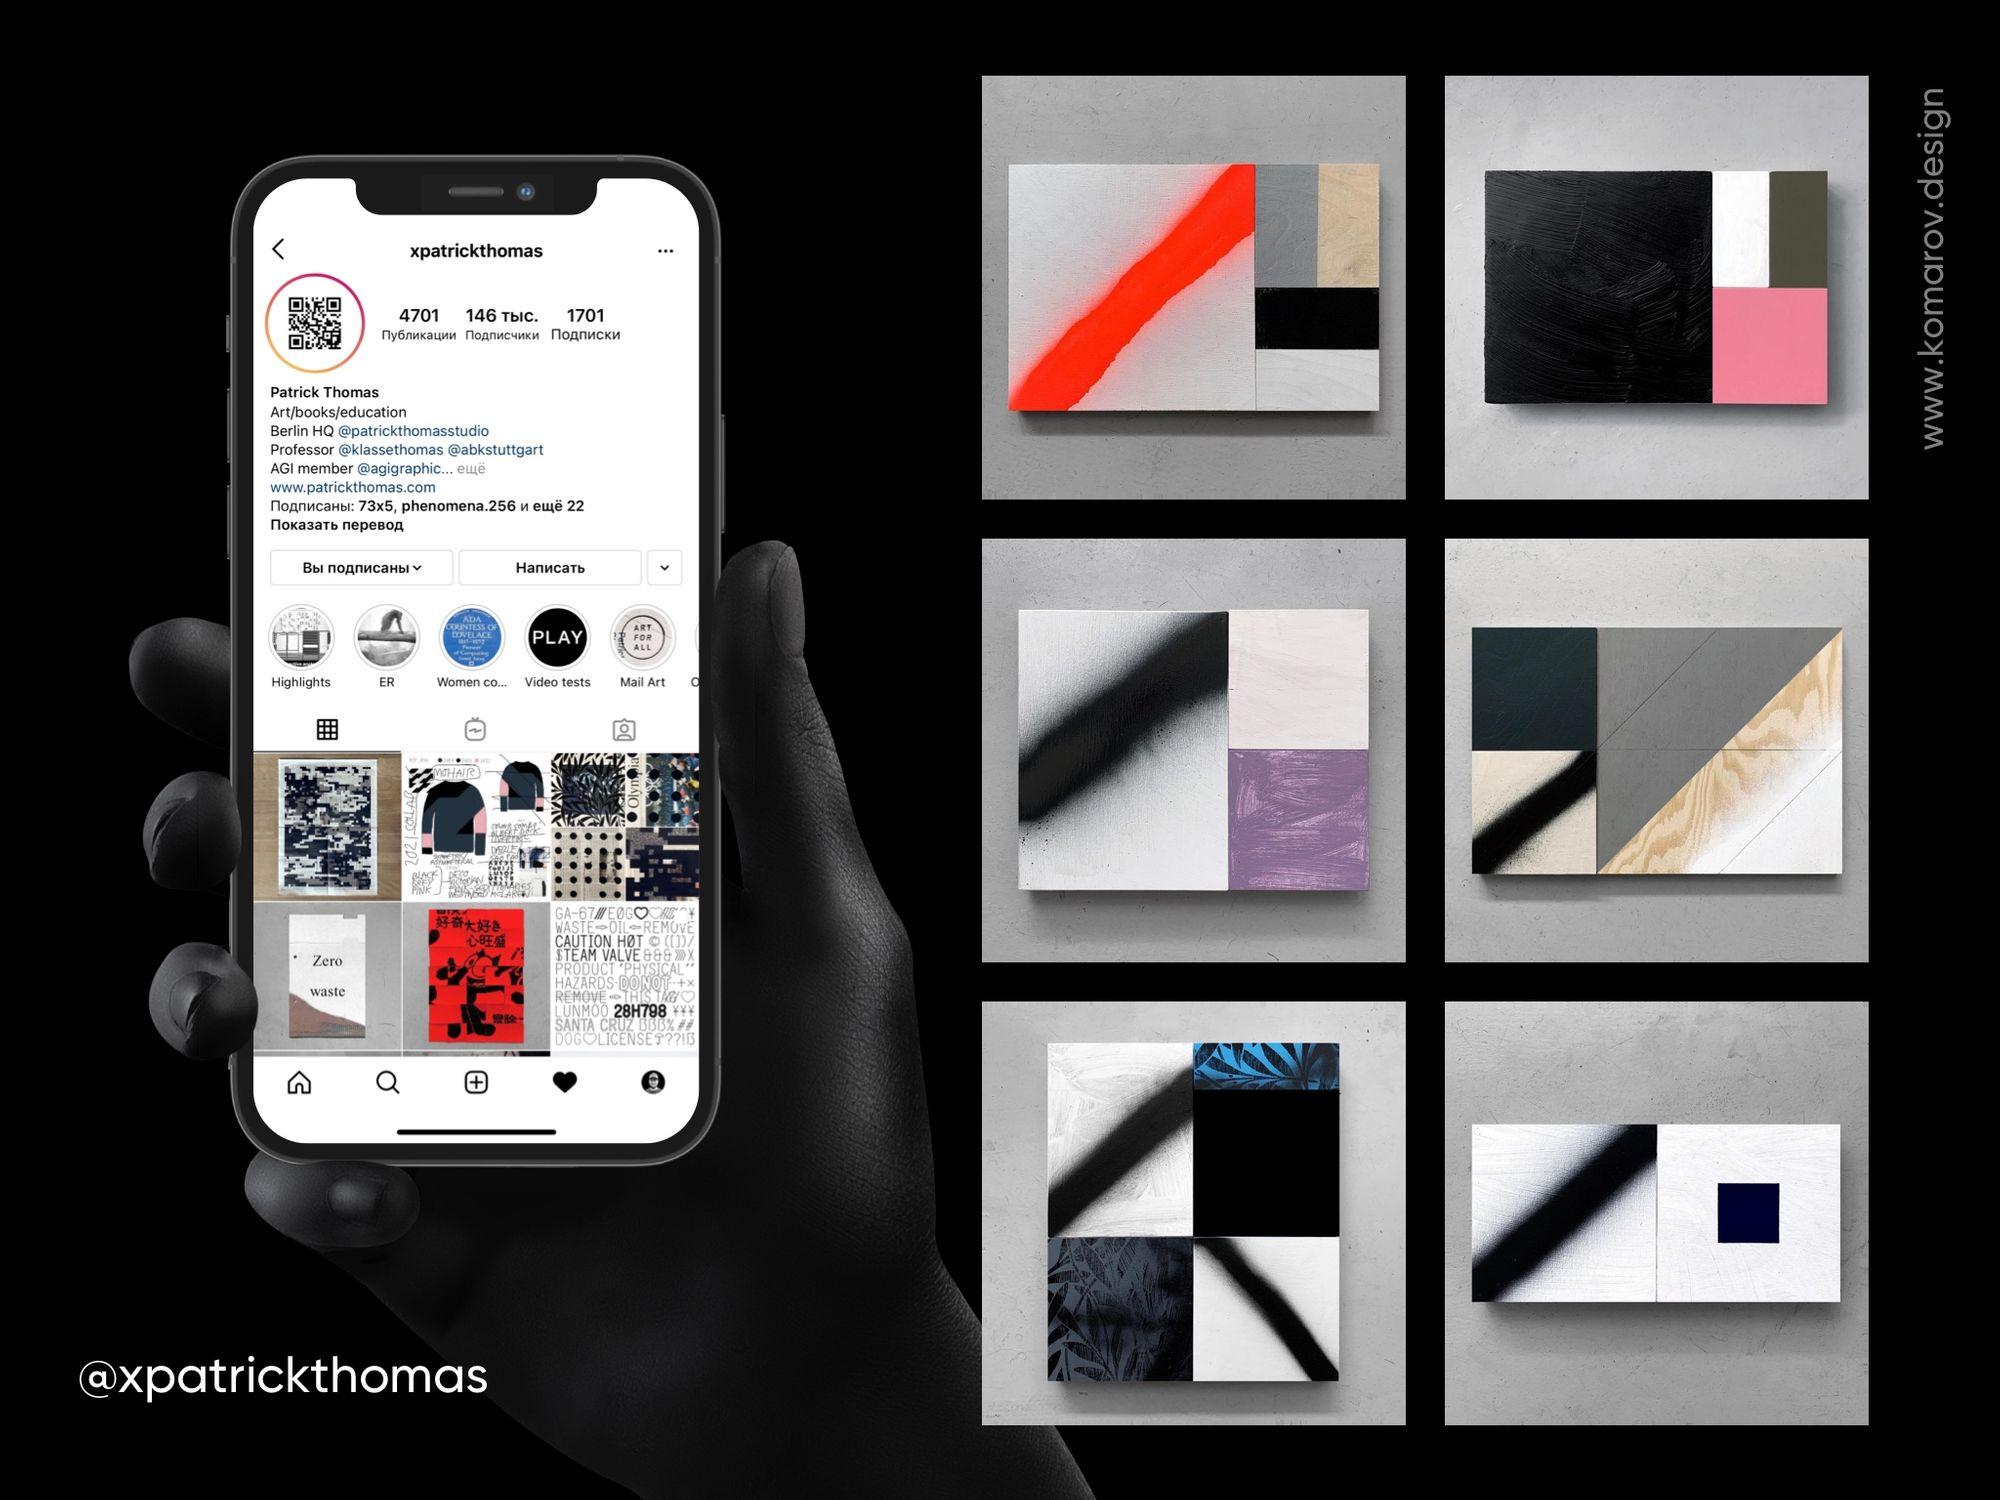 Инстаграм-аккаунт об искусстве и дизайне